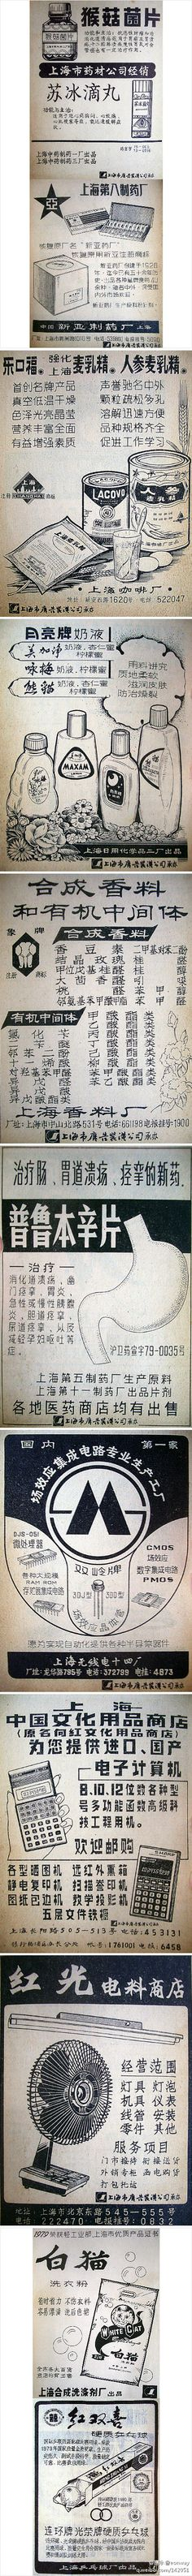 79年~80年由上海市廣告裝潢公司設計的廣告及手寫字體